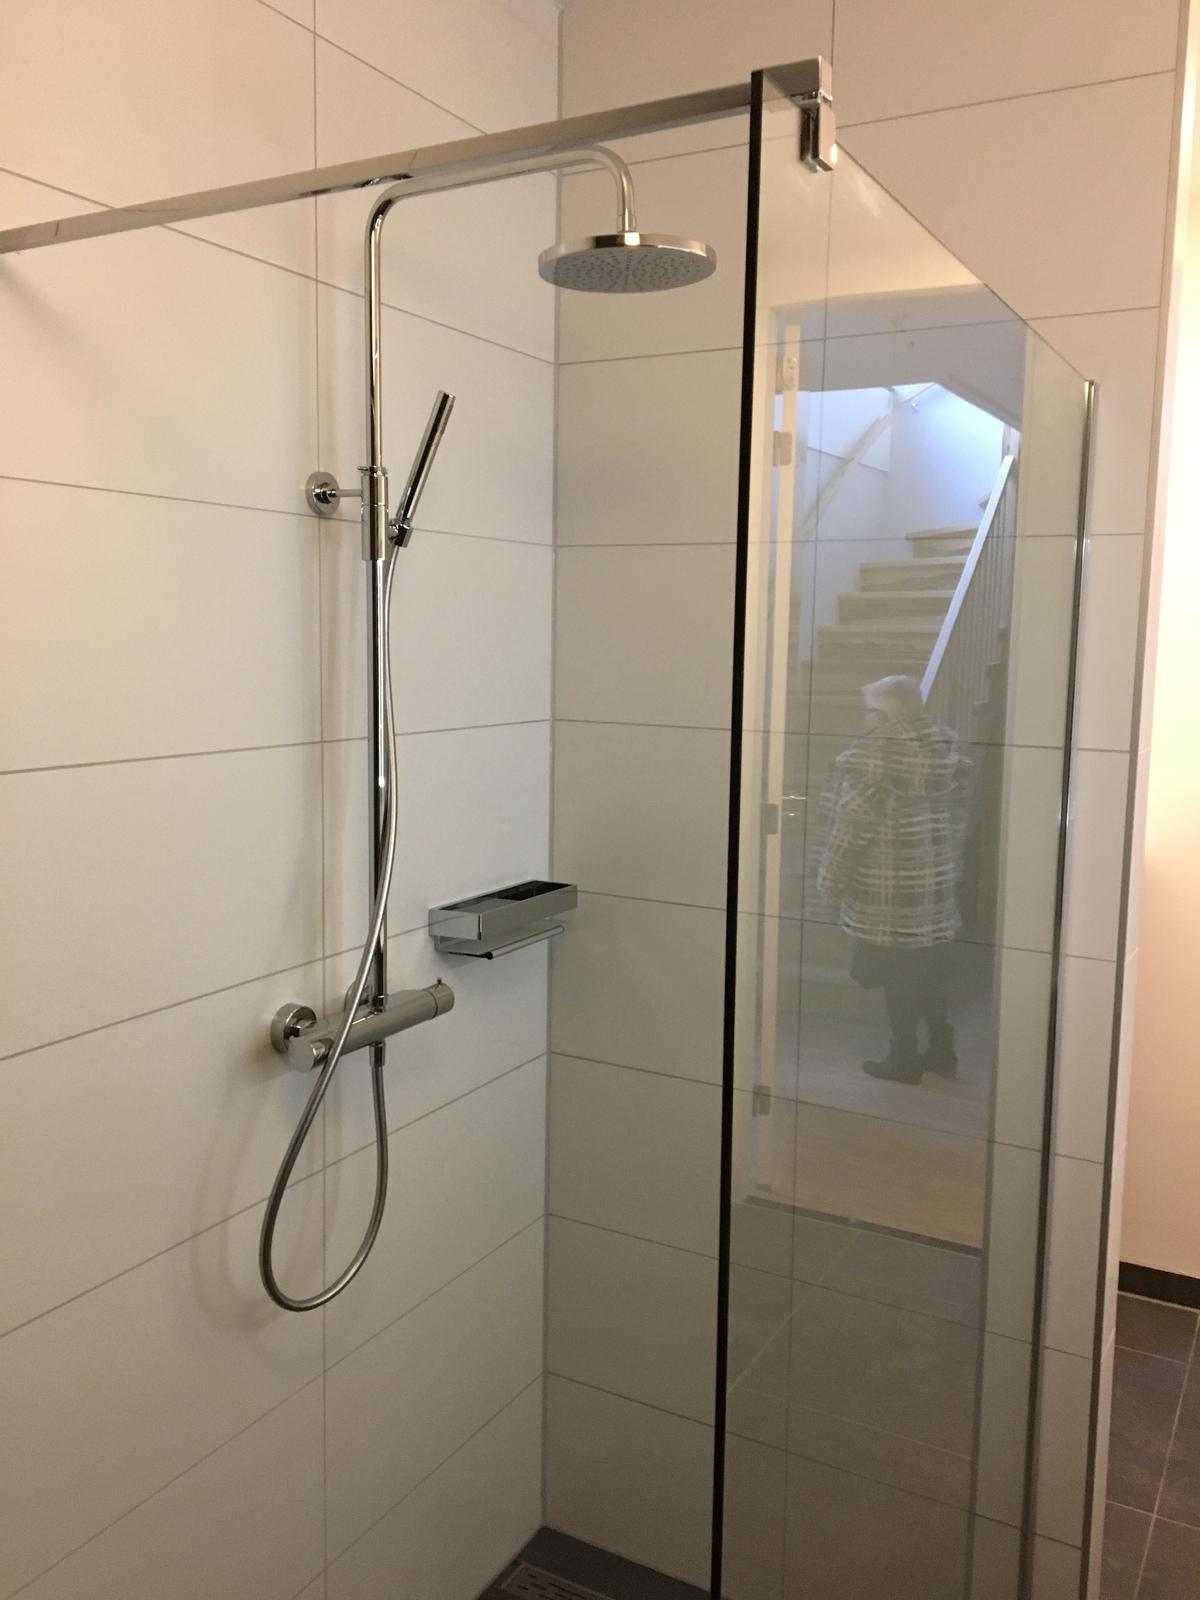 badkamer, toilet, tuijps, tegelzetters, installatie, loodgieters, montage, betonlook, sanitair, nieuwbouw, casco, amsterdam, zeeburg, volendam, aannemers